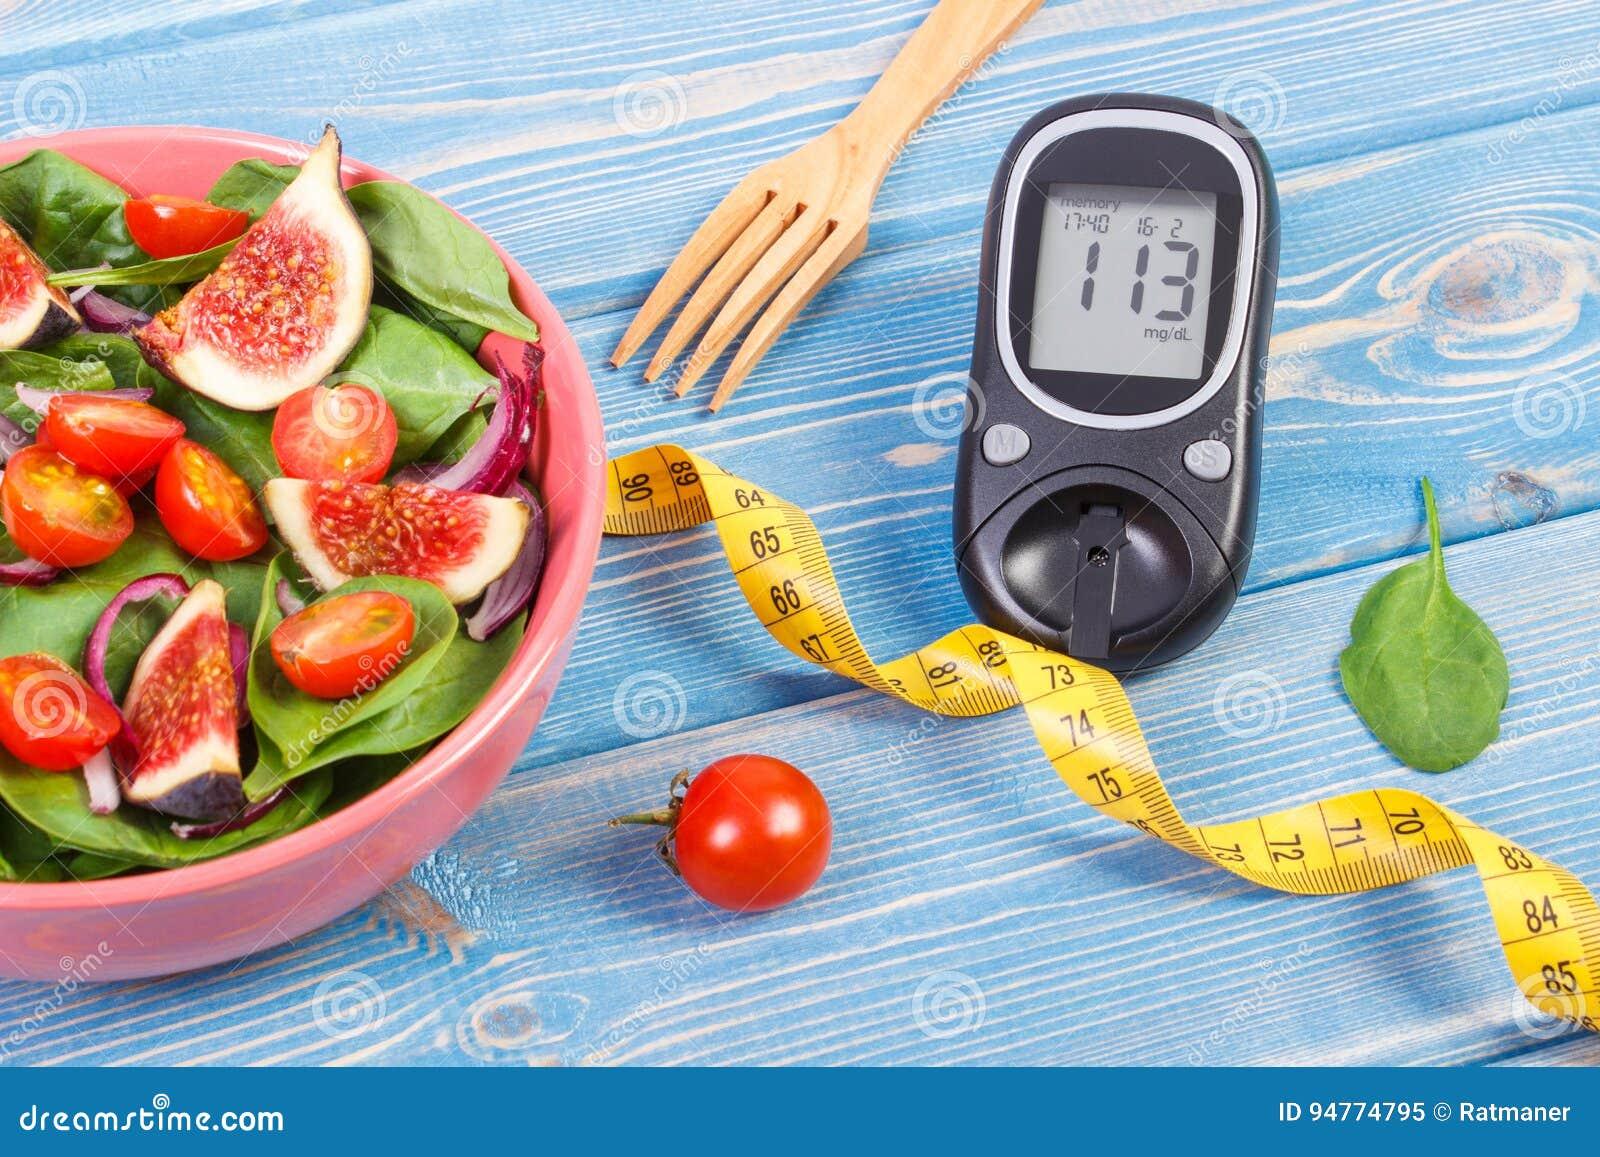 Adelgazar con diabetes